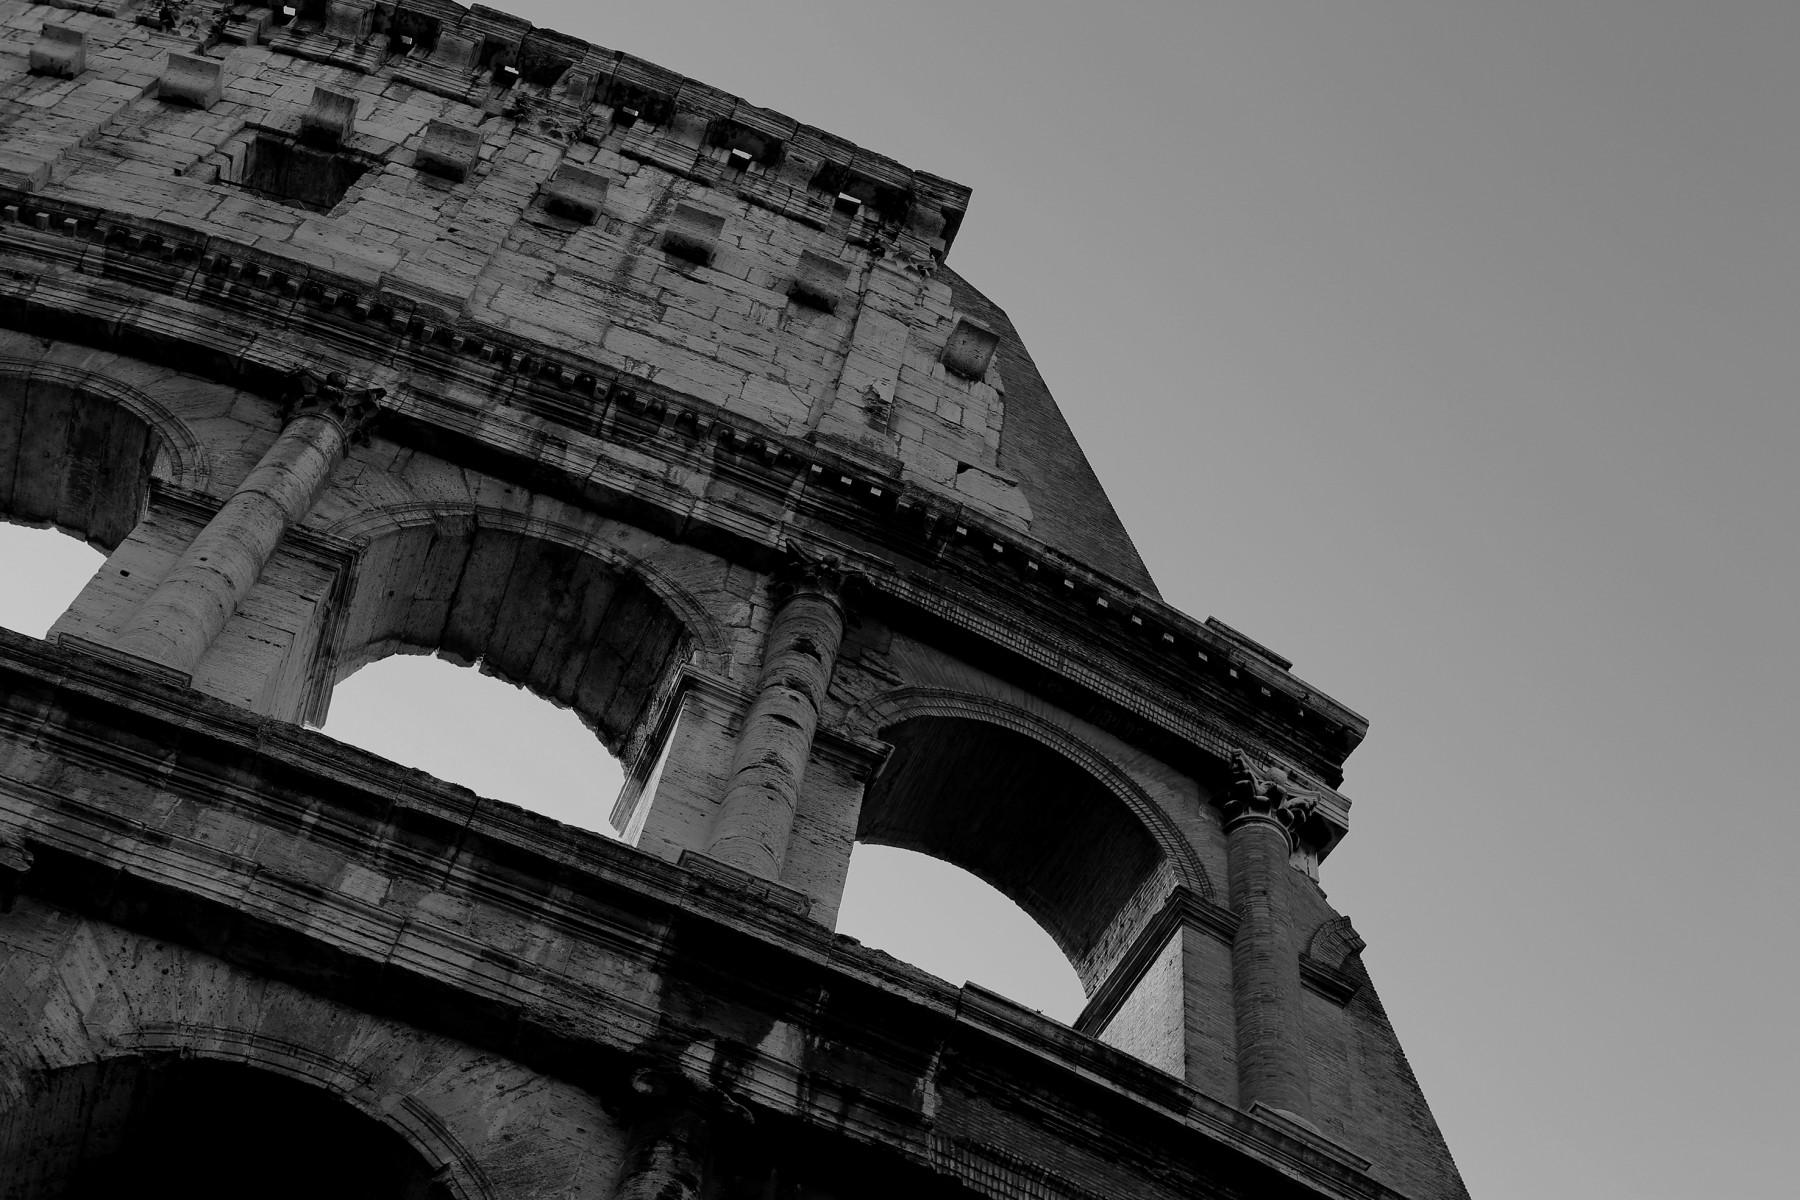 Colosseum shv